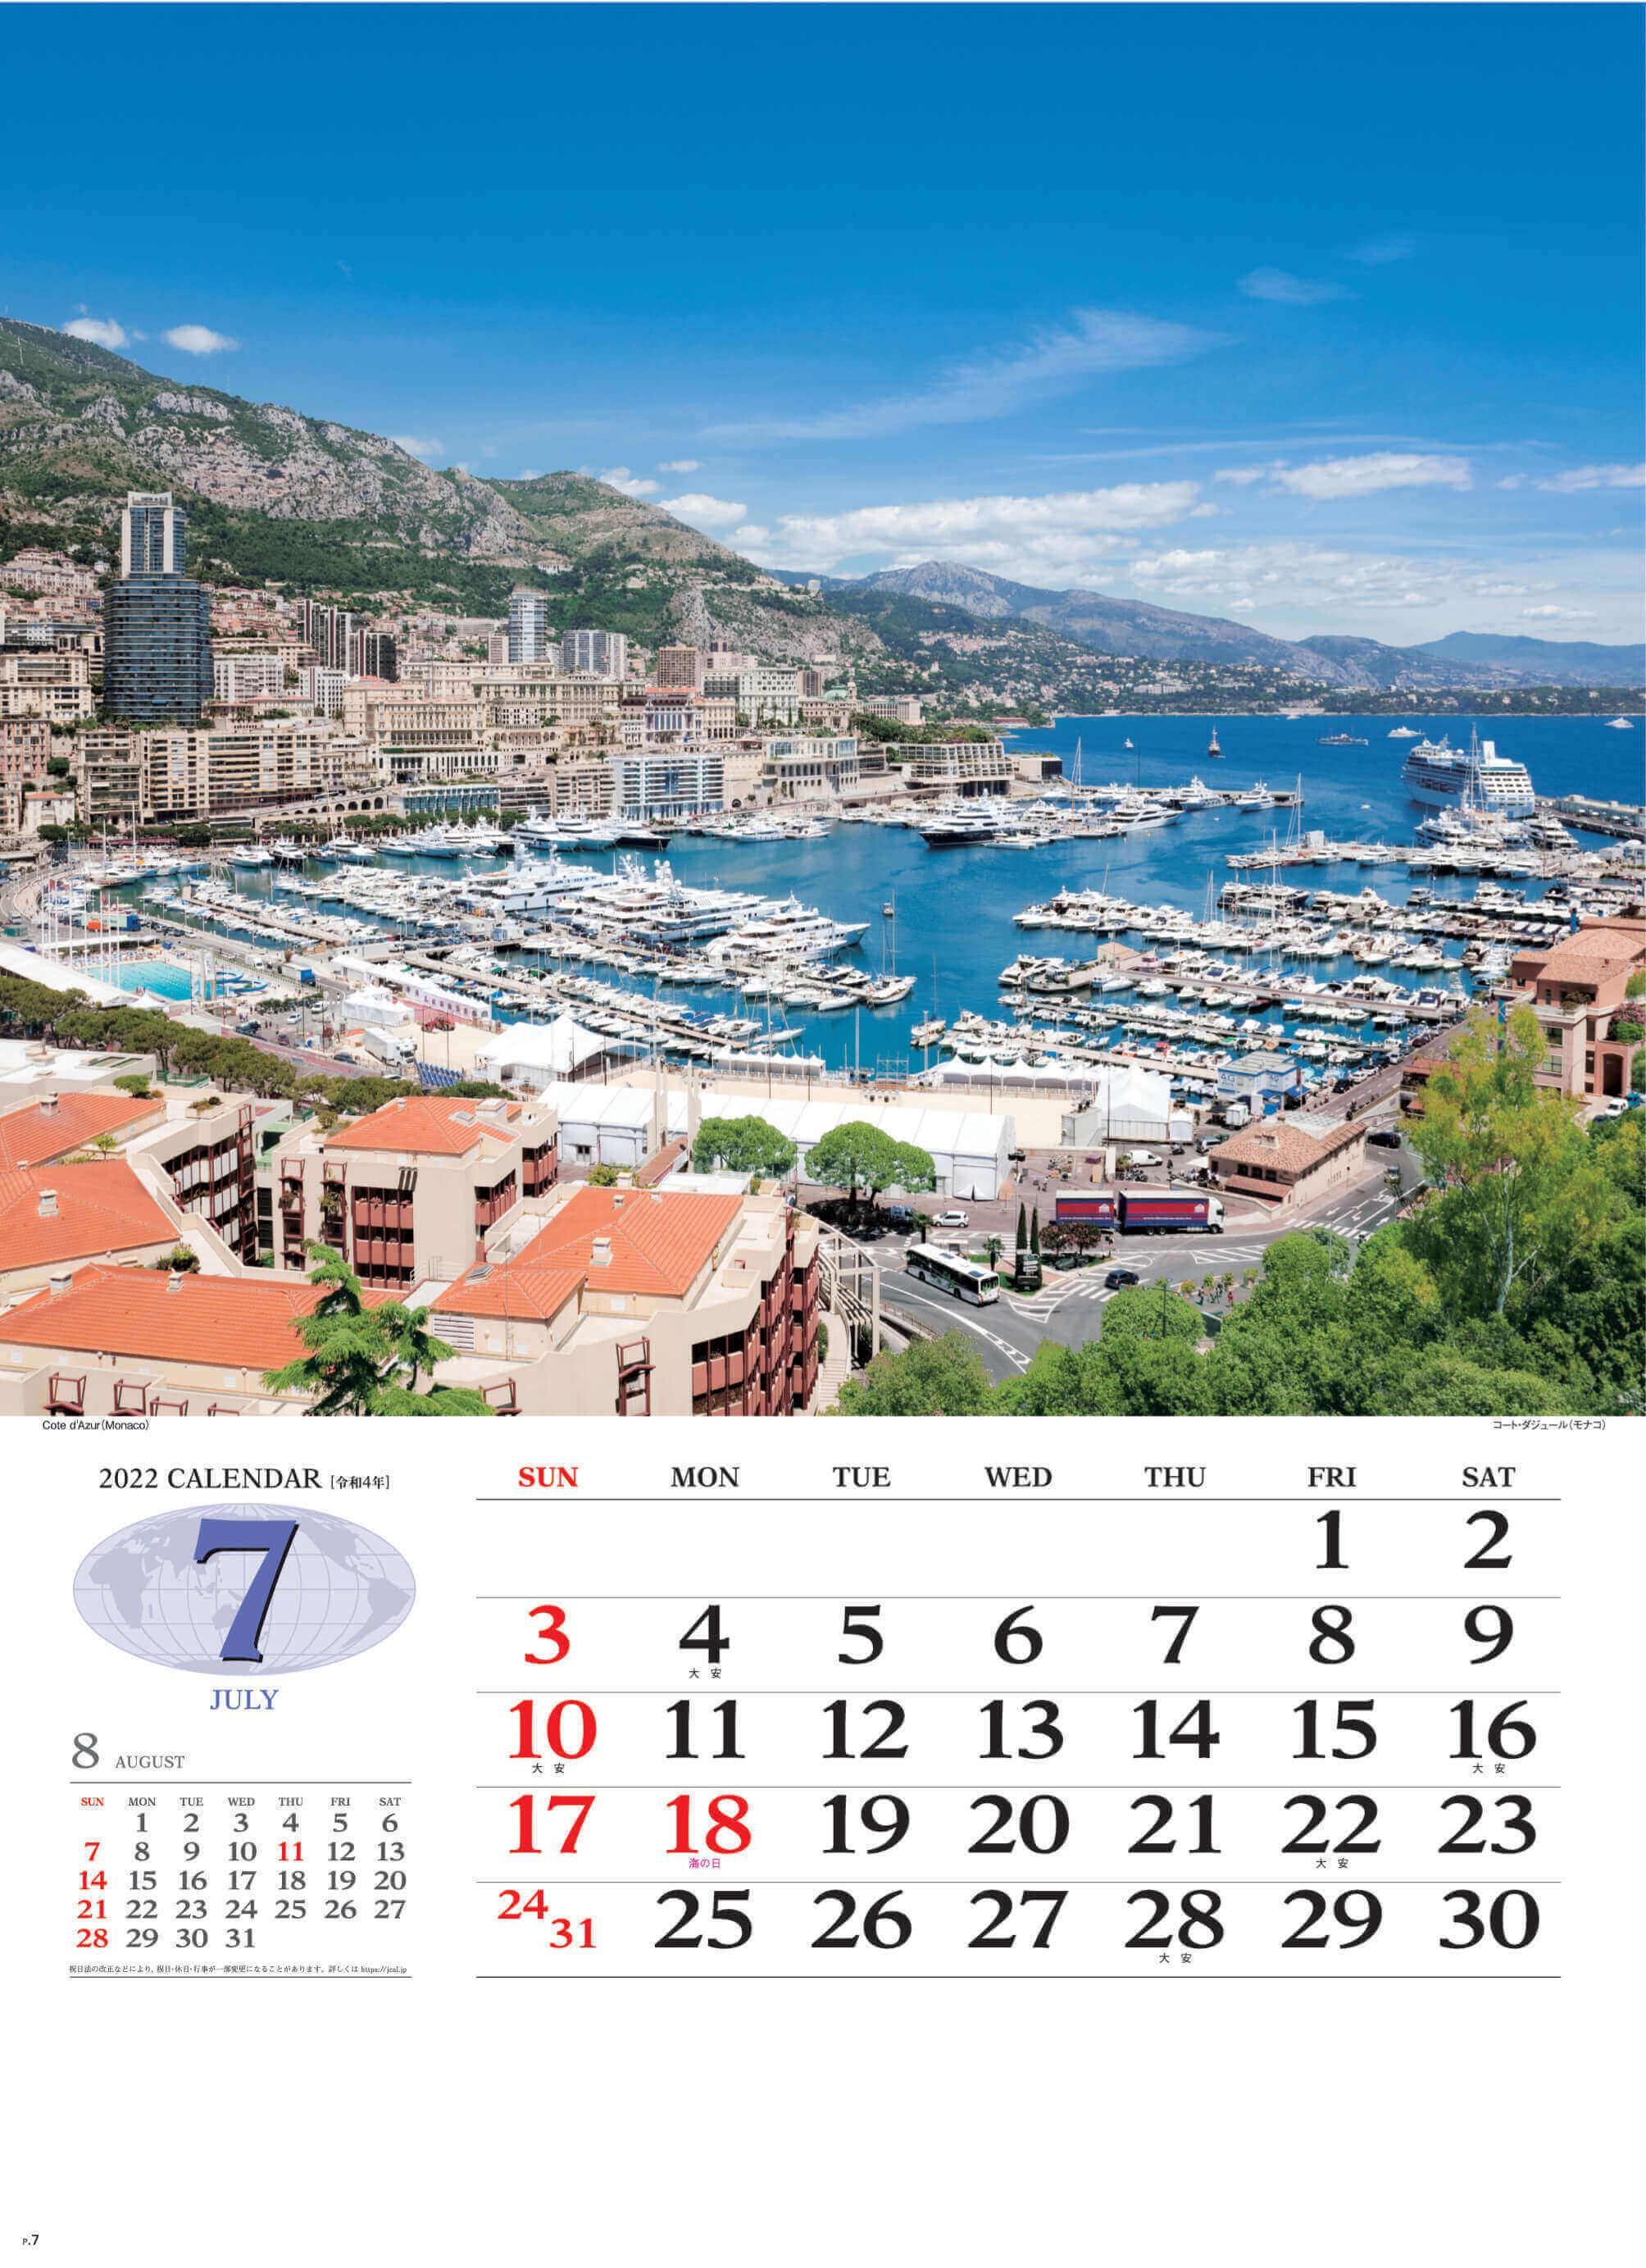 7月 コート・ダジュール モナコ 世界の景観 2022年カレンダーの画像